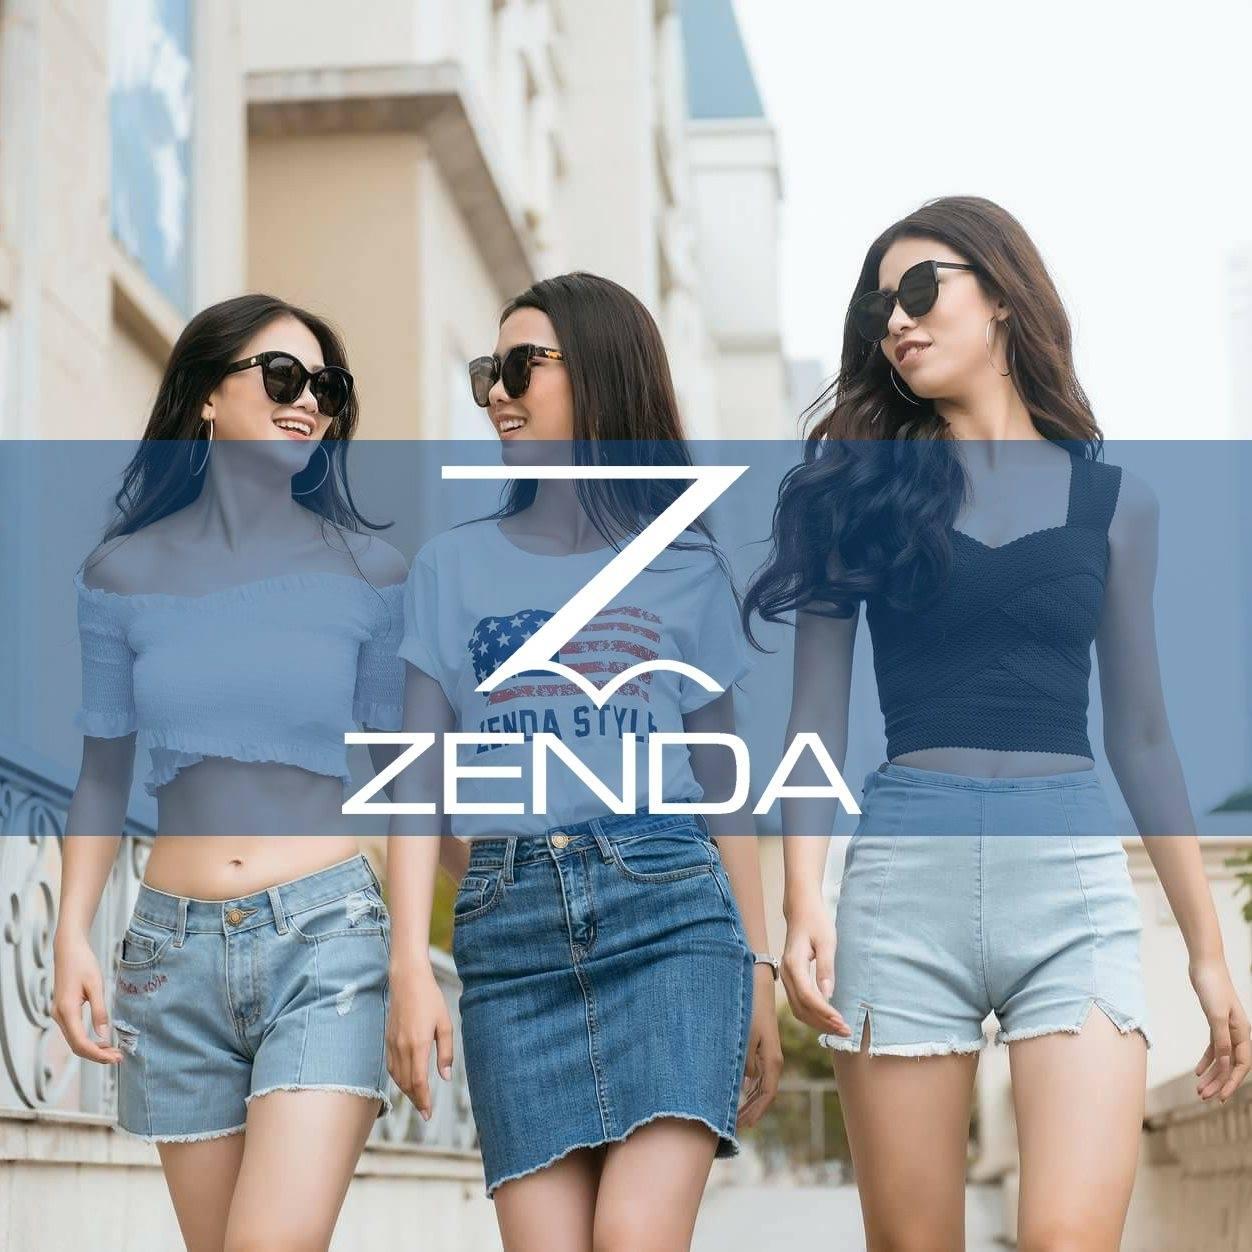 Thời trang nữ Zenda